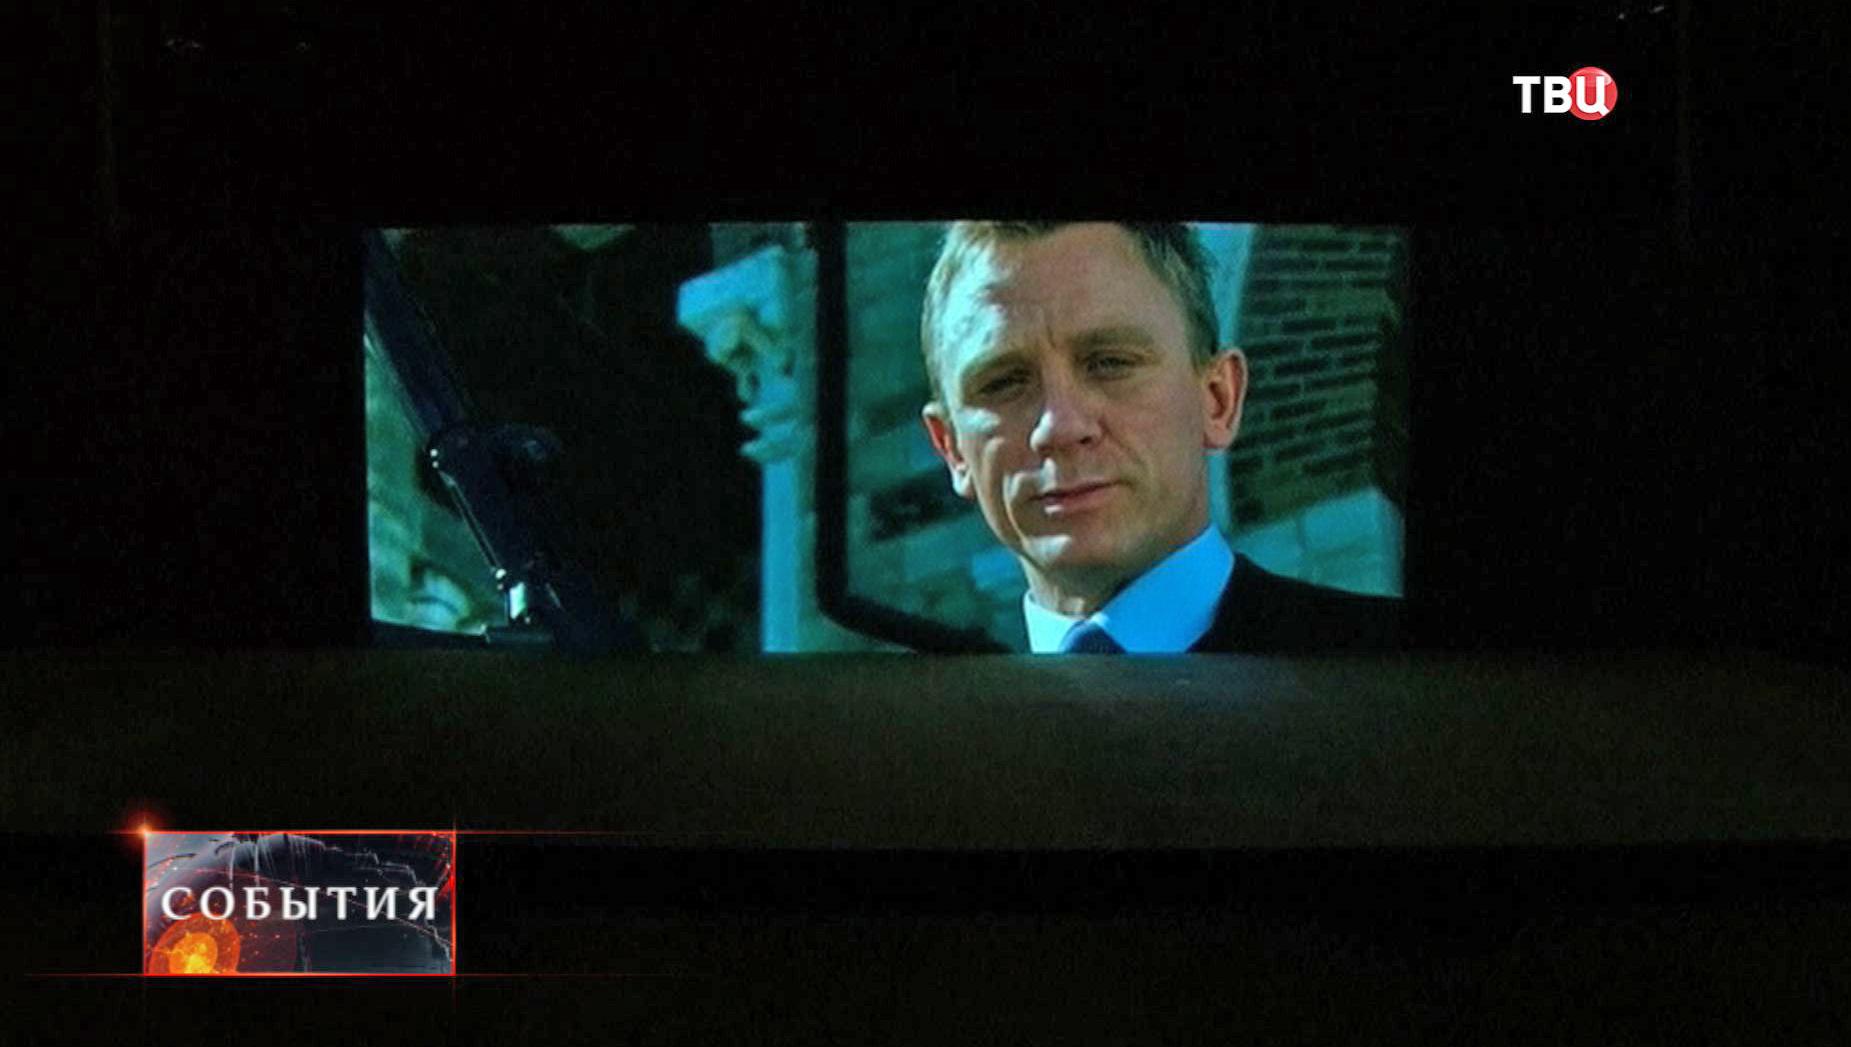 Джеймс Бонд агент 007